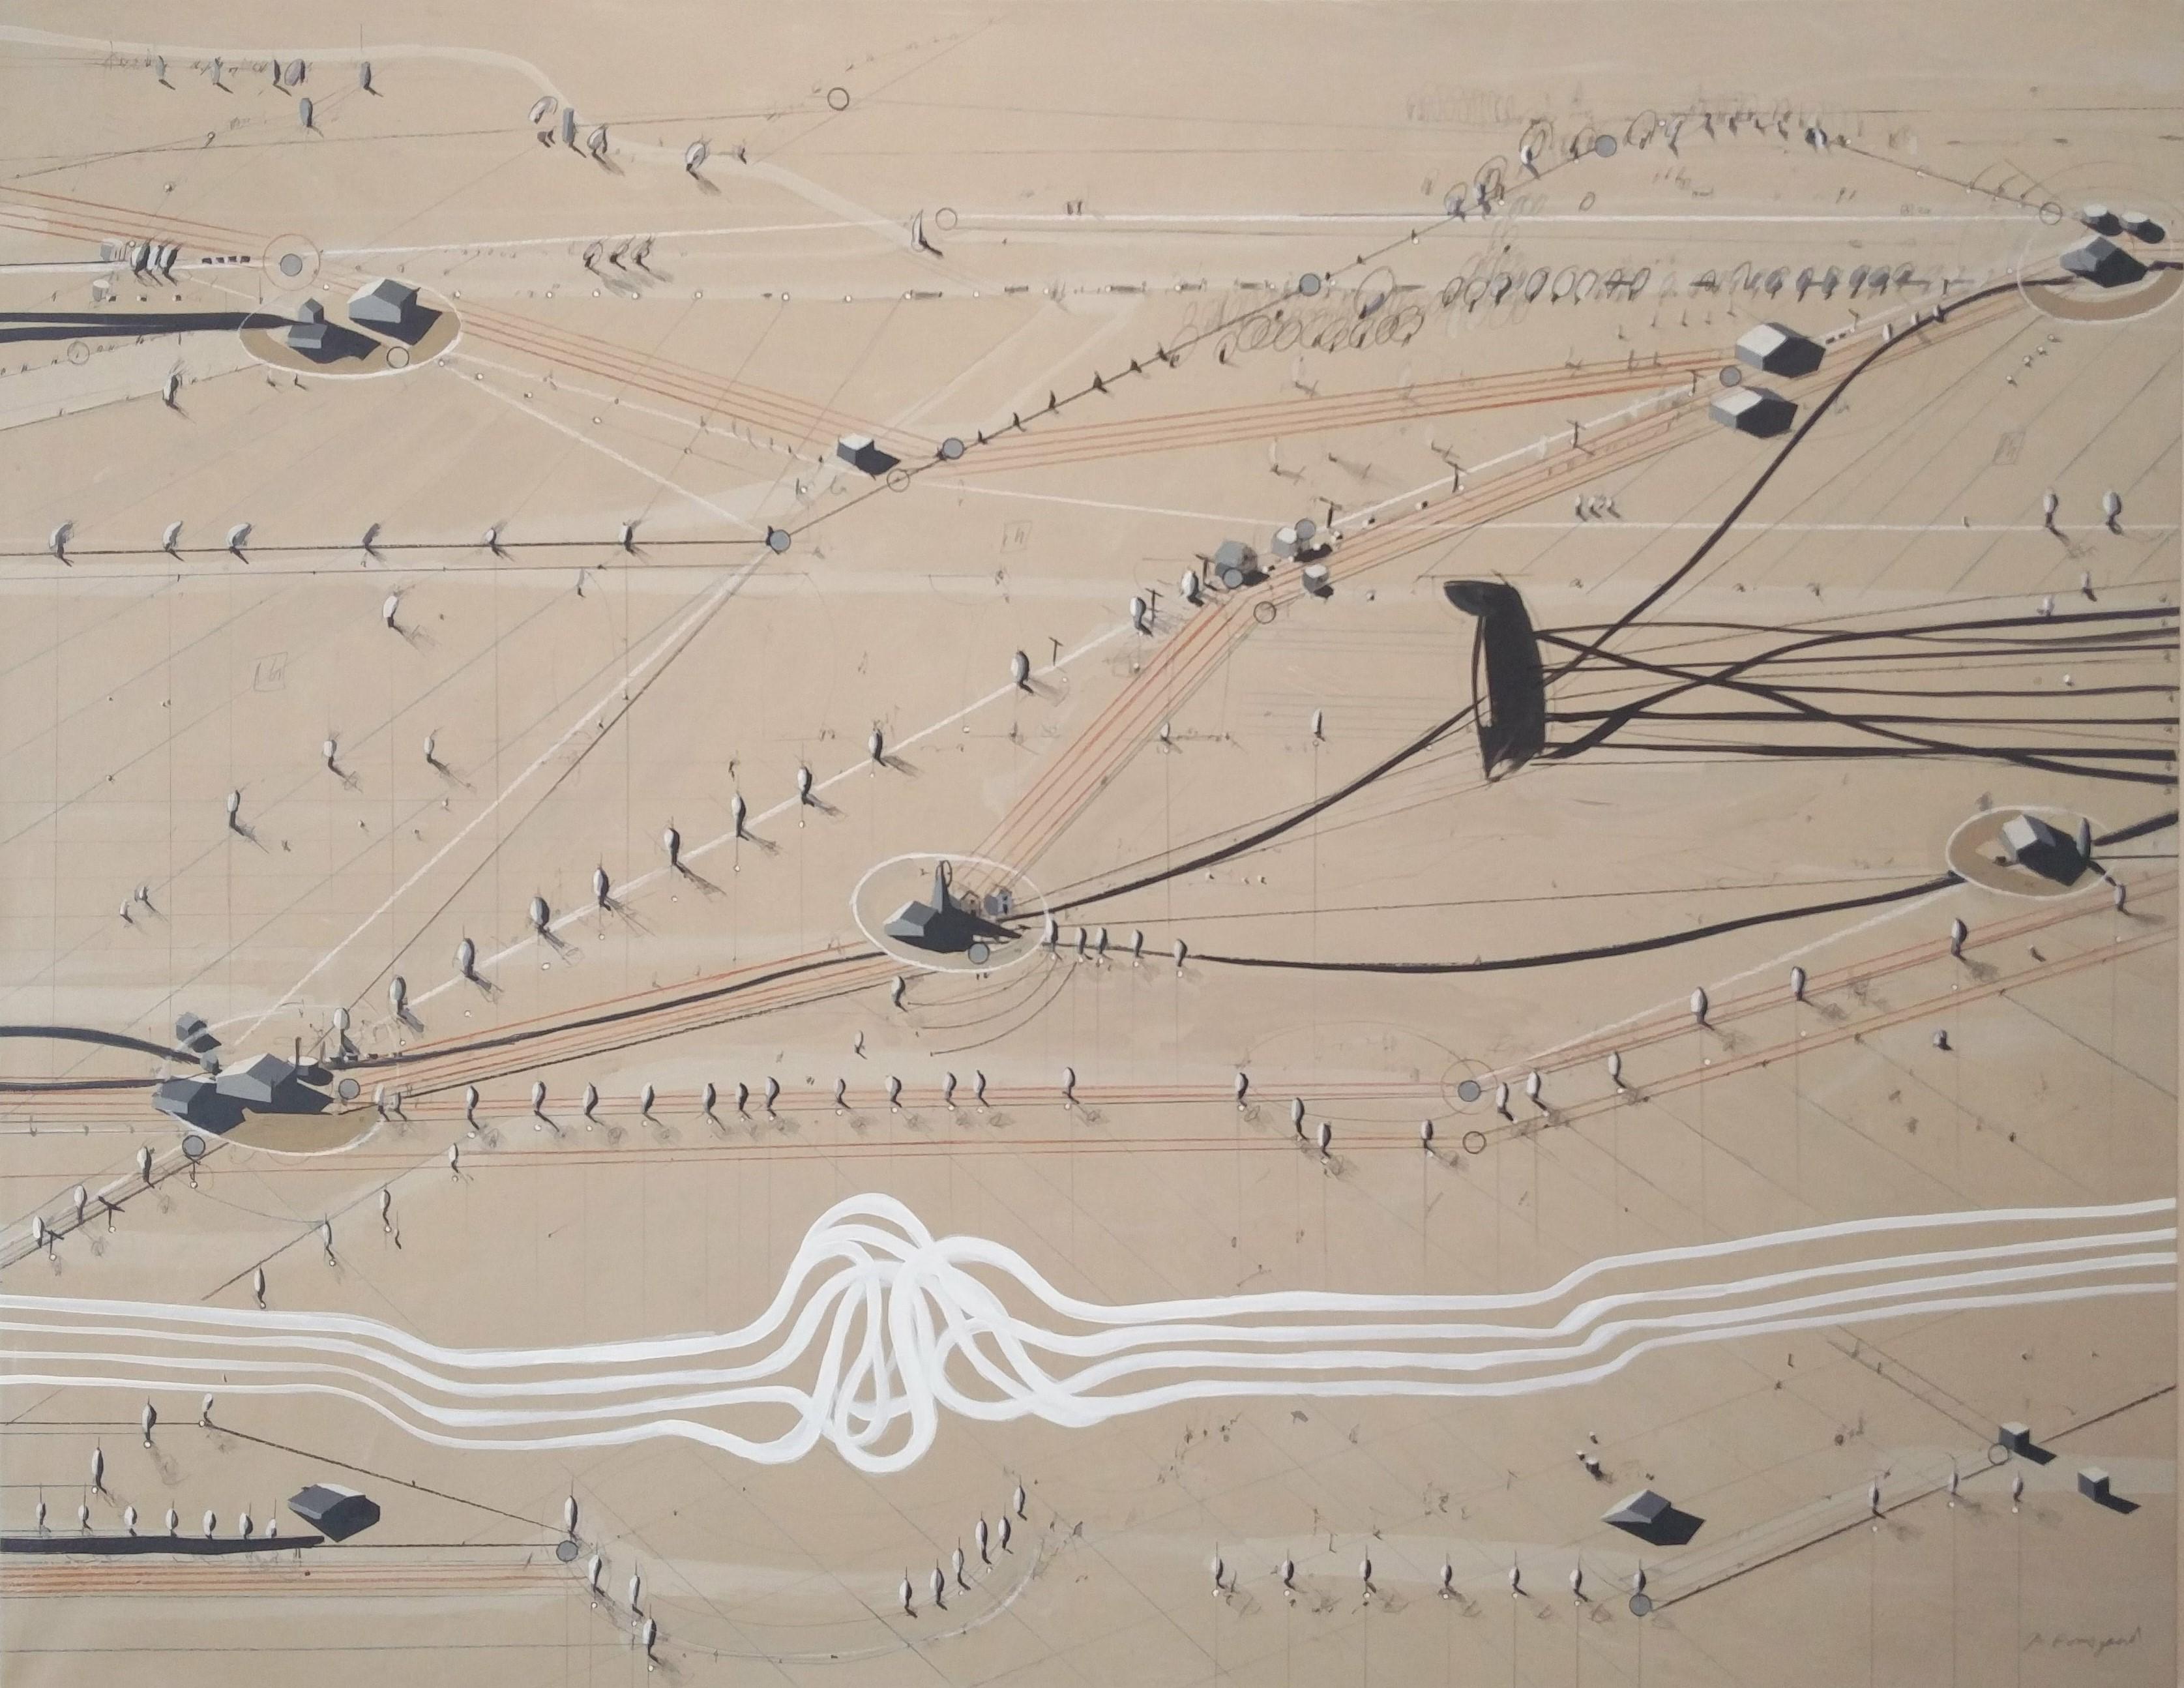 jesu fodspor i sandet